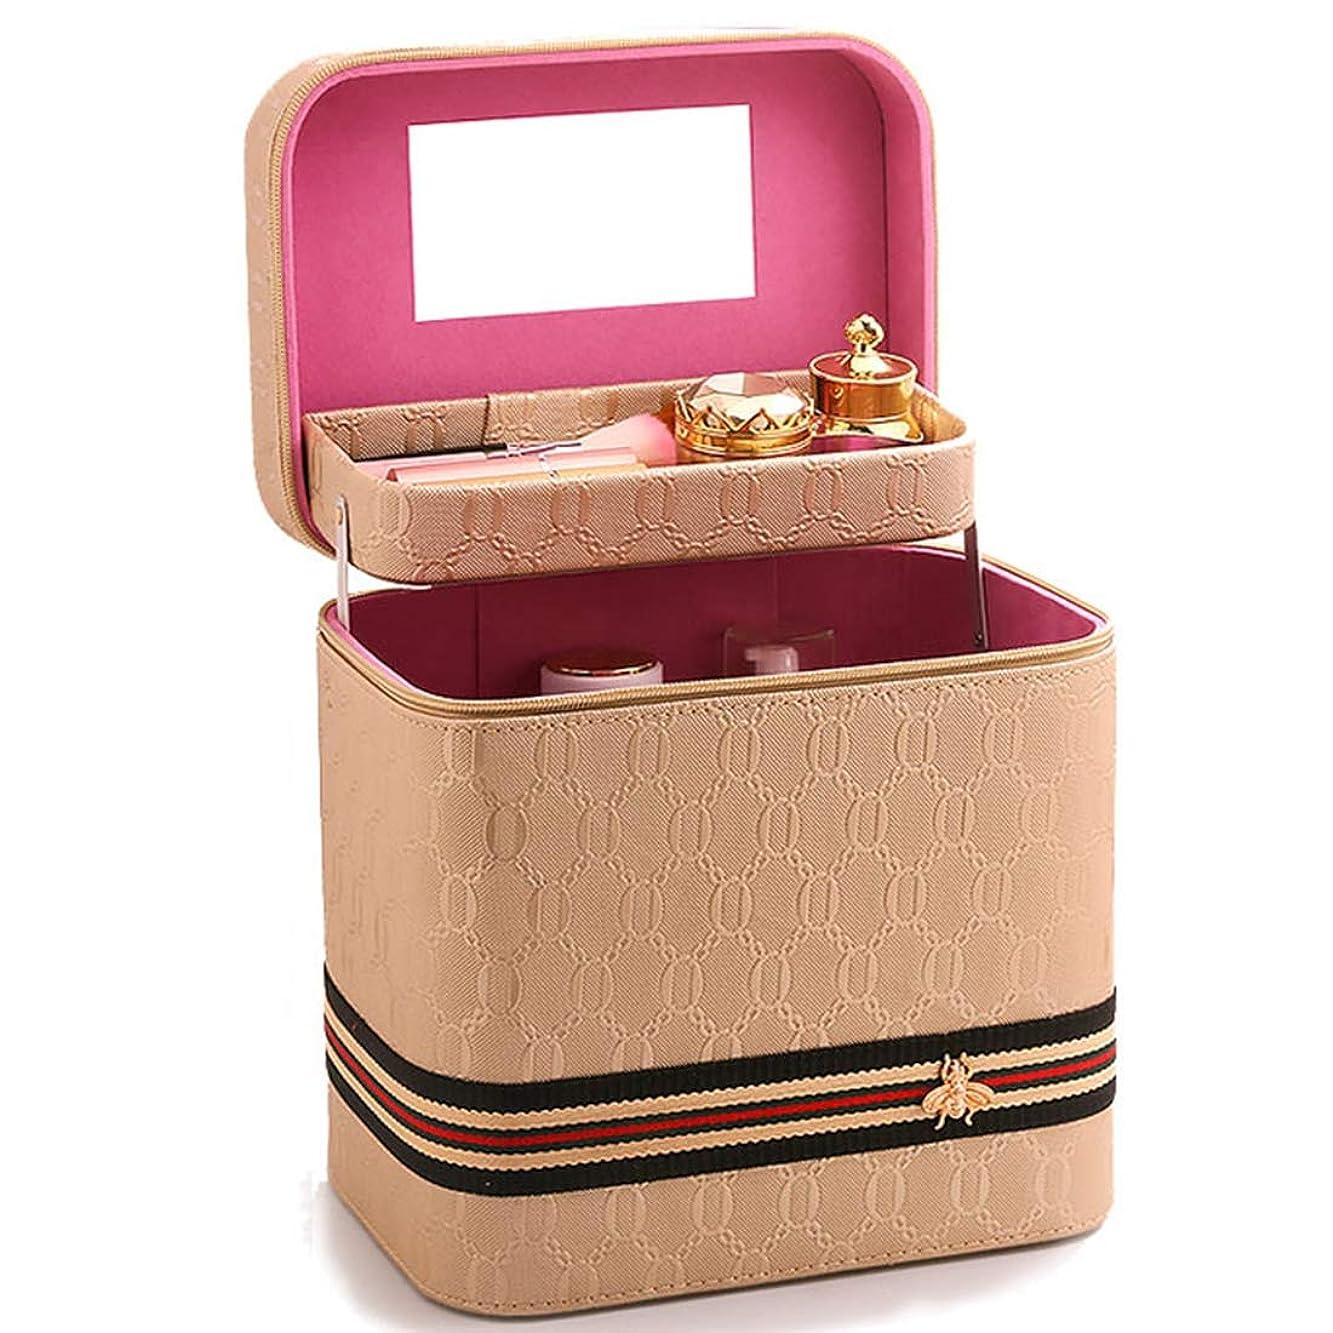 ポータル不適切な職業[テンカ]メイクボックス コスメボックス 大容量 おしゃれ 鏡付き プロ 化粧品収納ボックス かわいい ブランド 人気 化粧ボックス 機能的 小物 メイクポーチ 旅行 収納ケース 2段タイプ ベージュ